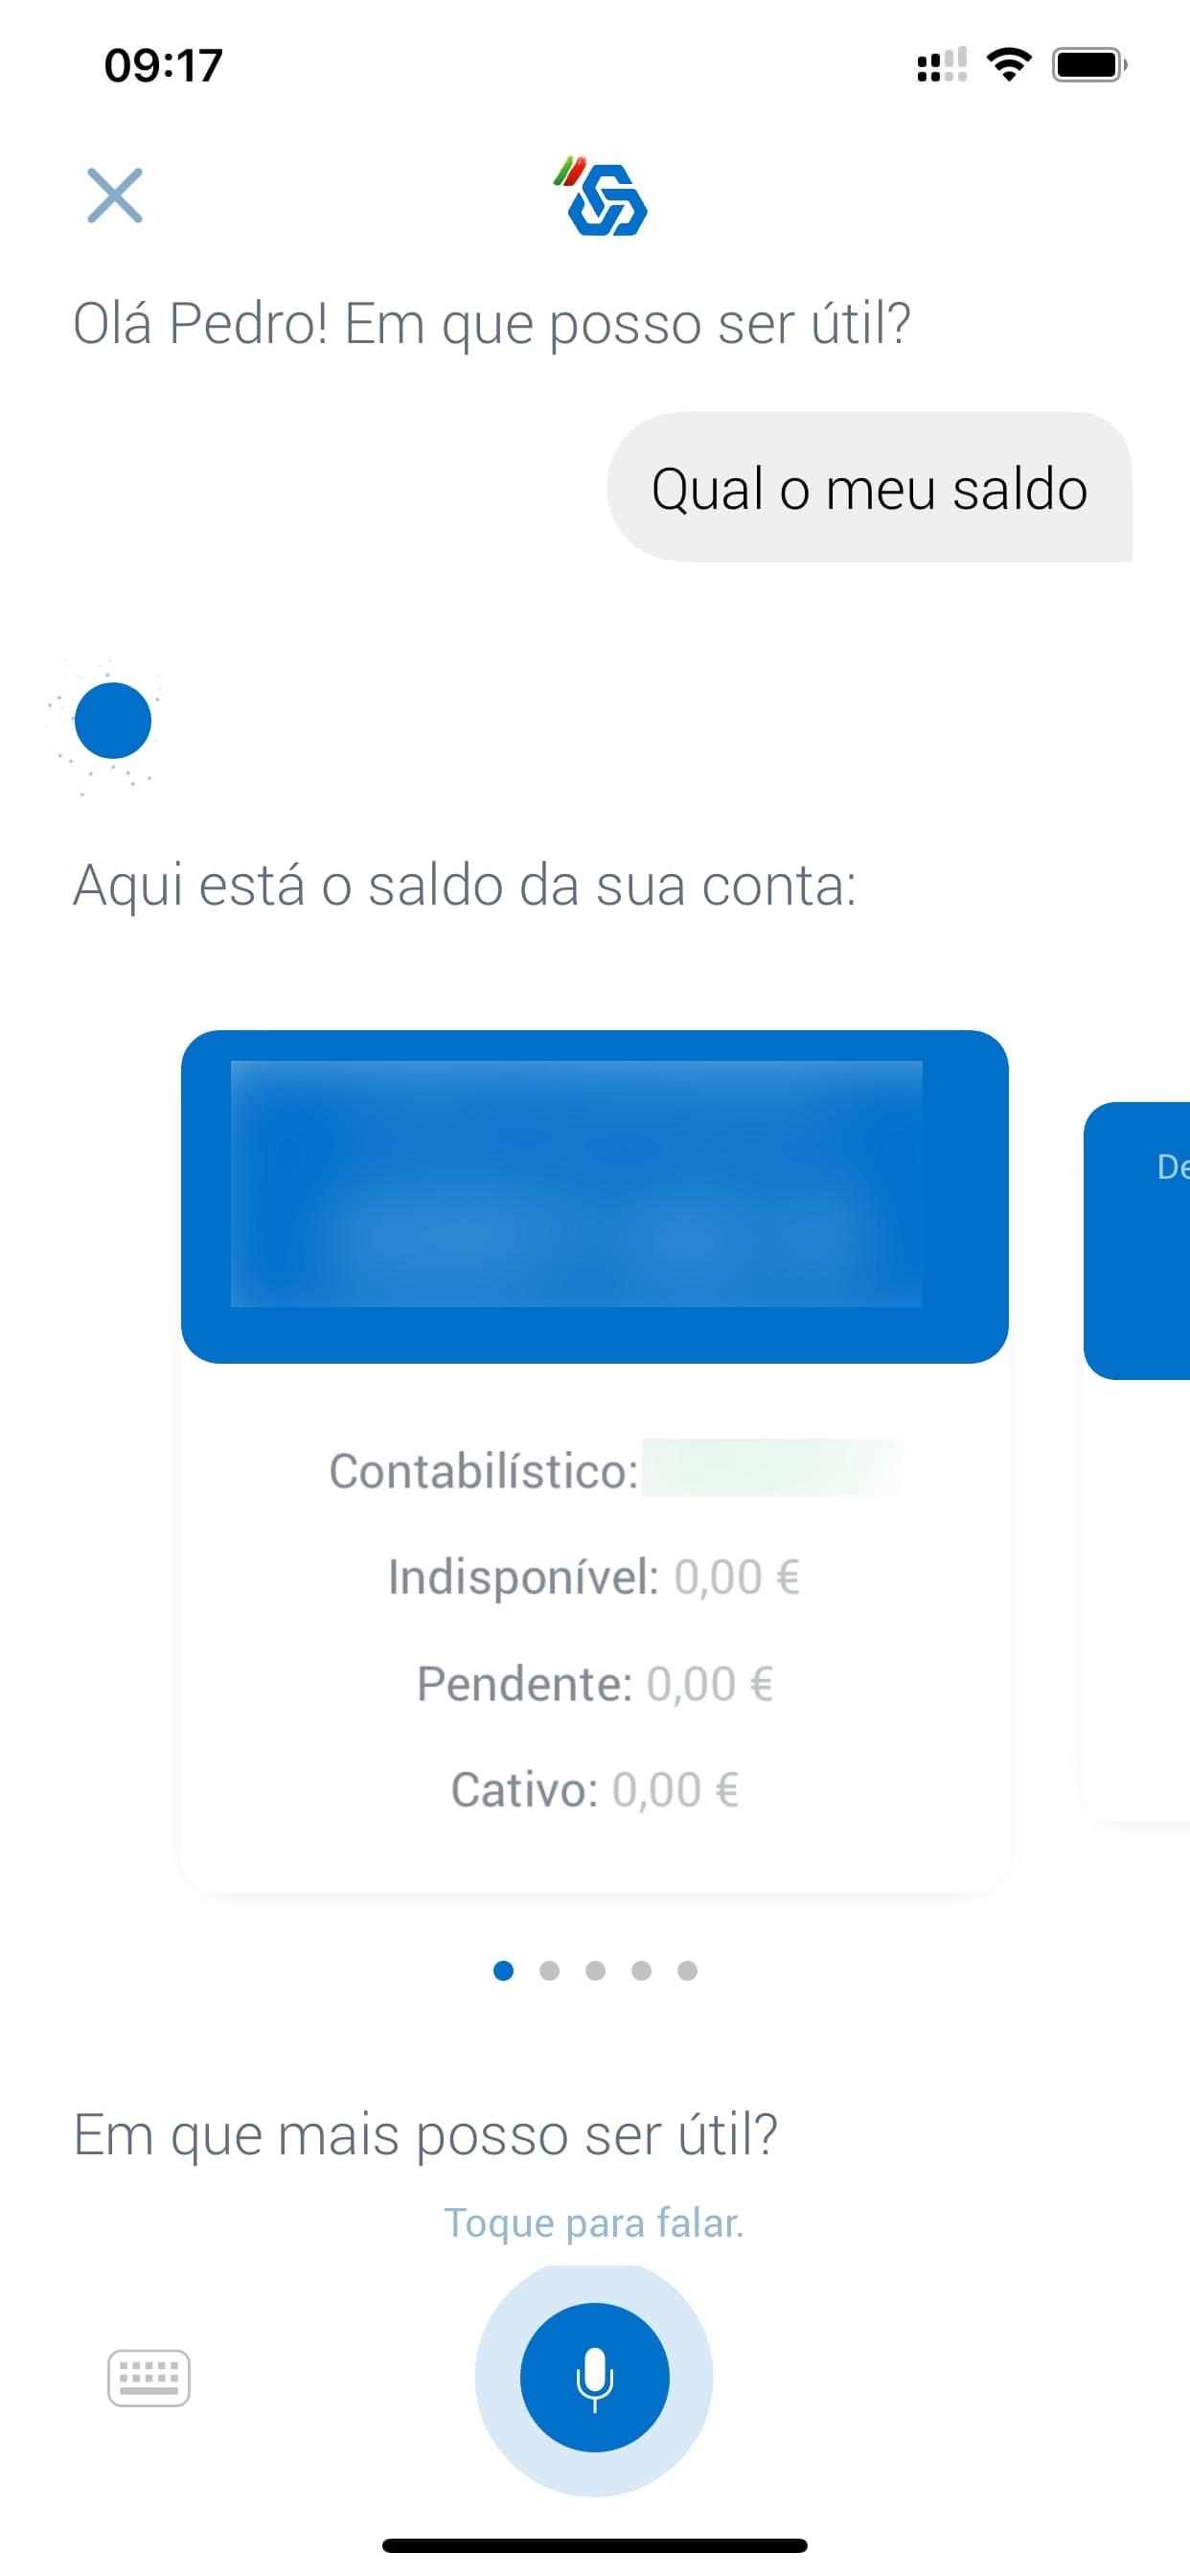 Ứng dụng Caixadirecta: Bạn đã biết Trợ lý kỹ thuật số Cai Caixa? 3